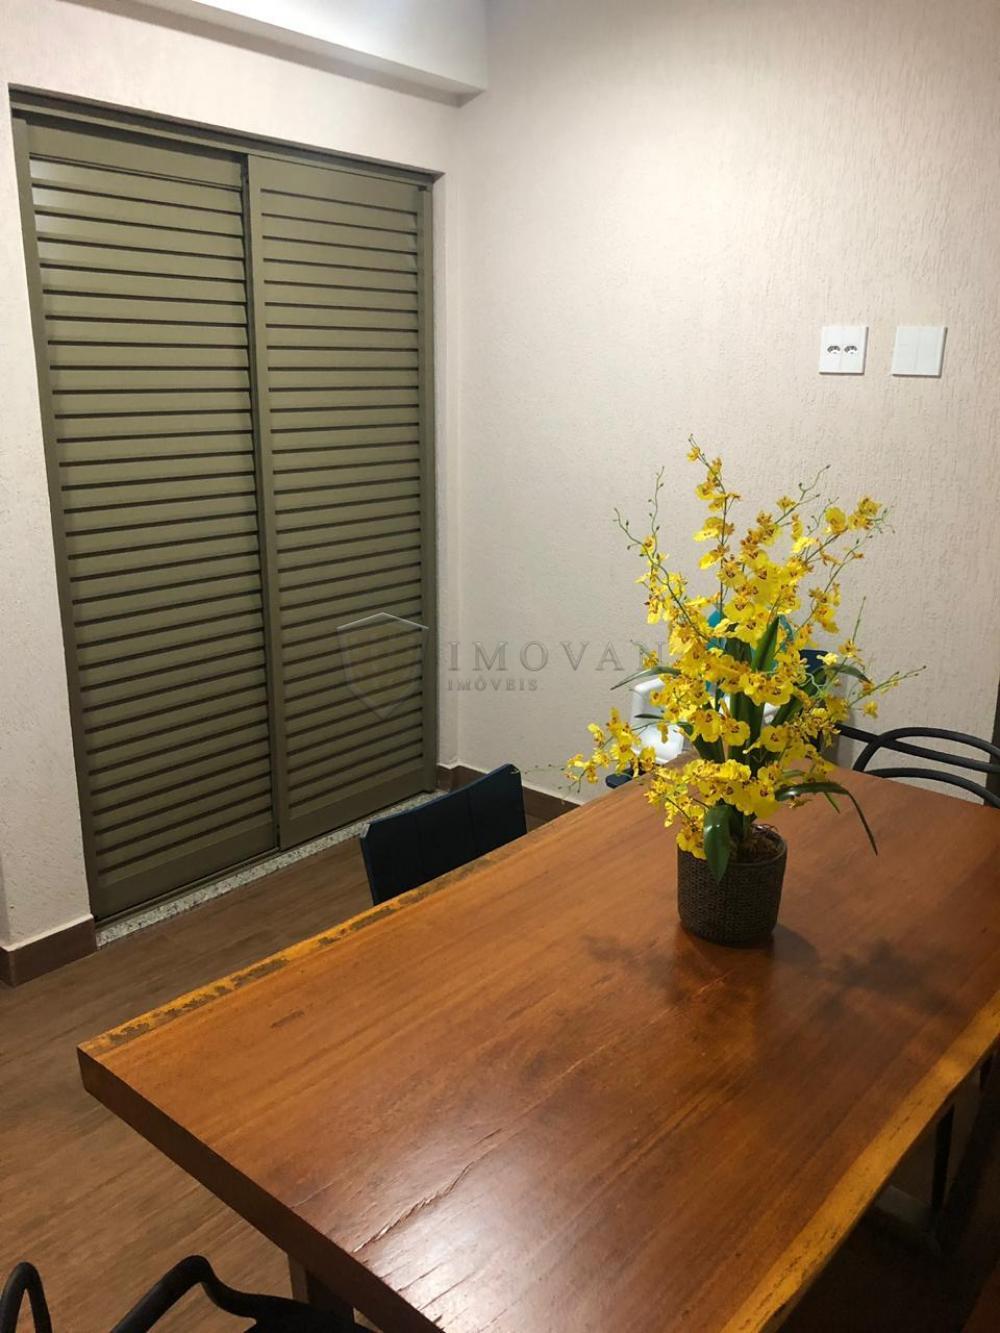 Comprar Apartamento / Padrão em Ribeirão Preto apenas R$ 695.000,00 - Foto 22